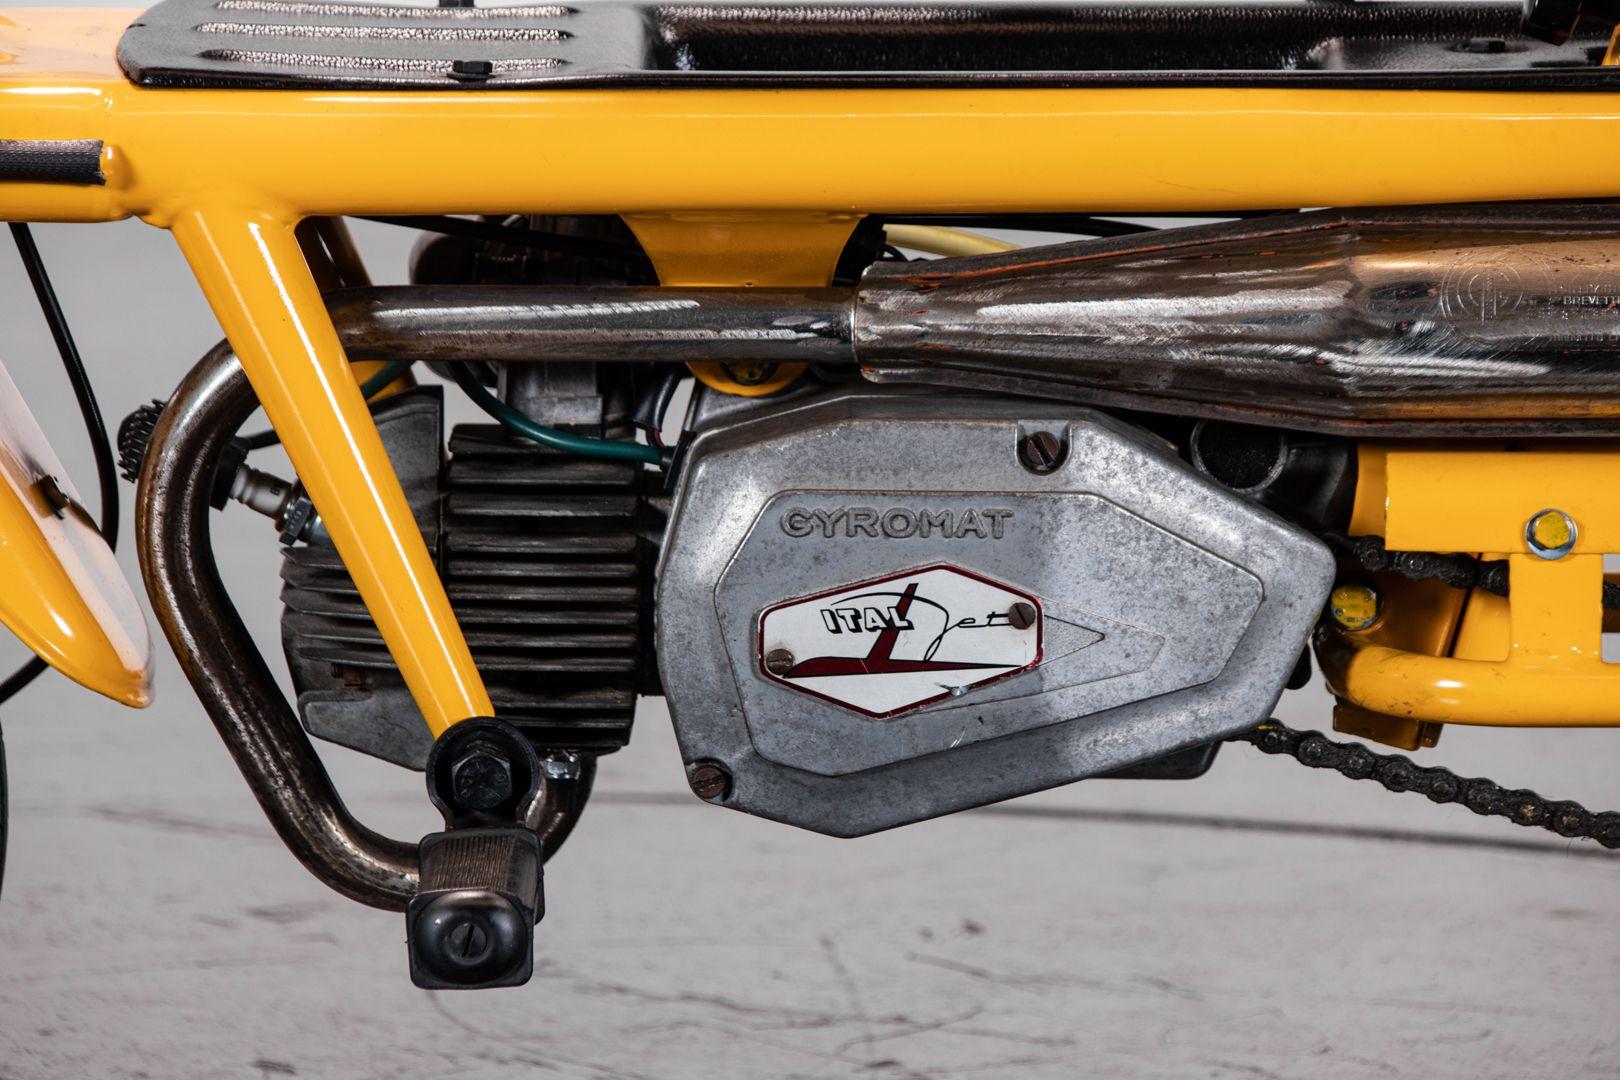 1968 Italjet Kit Kat 64796